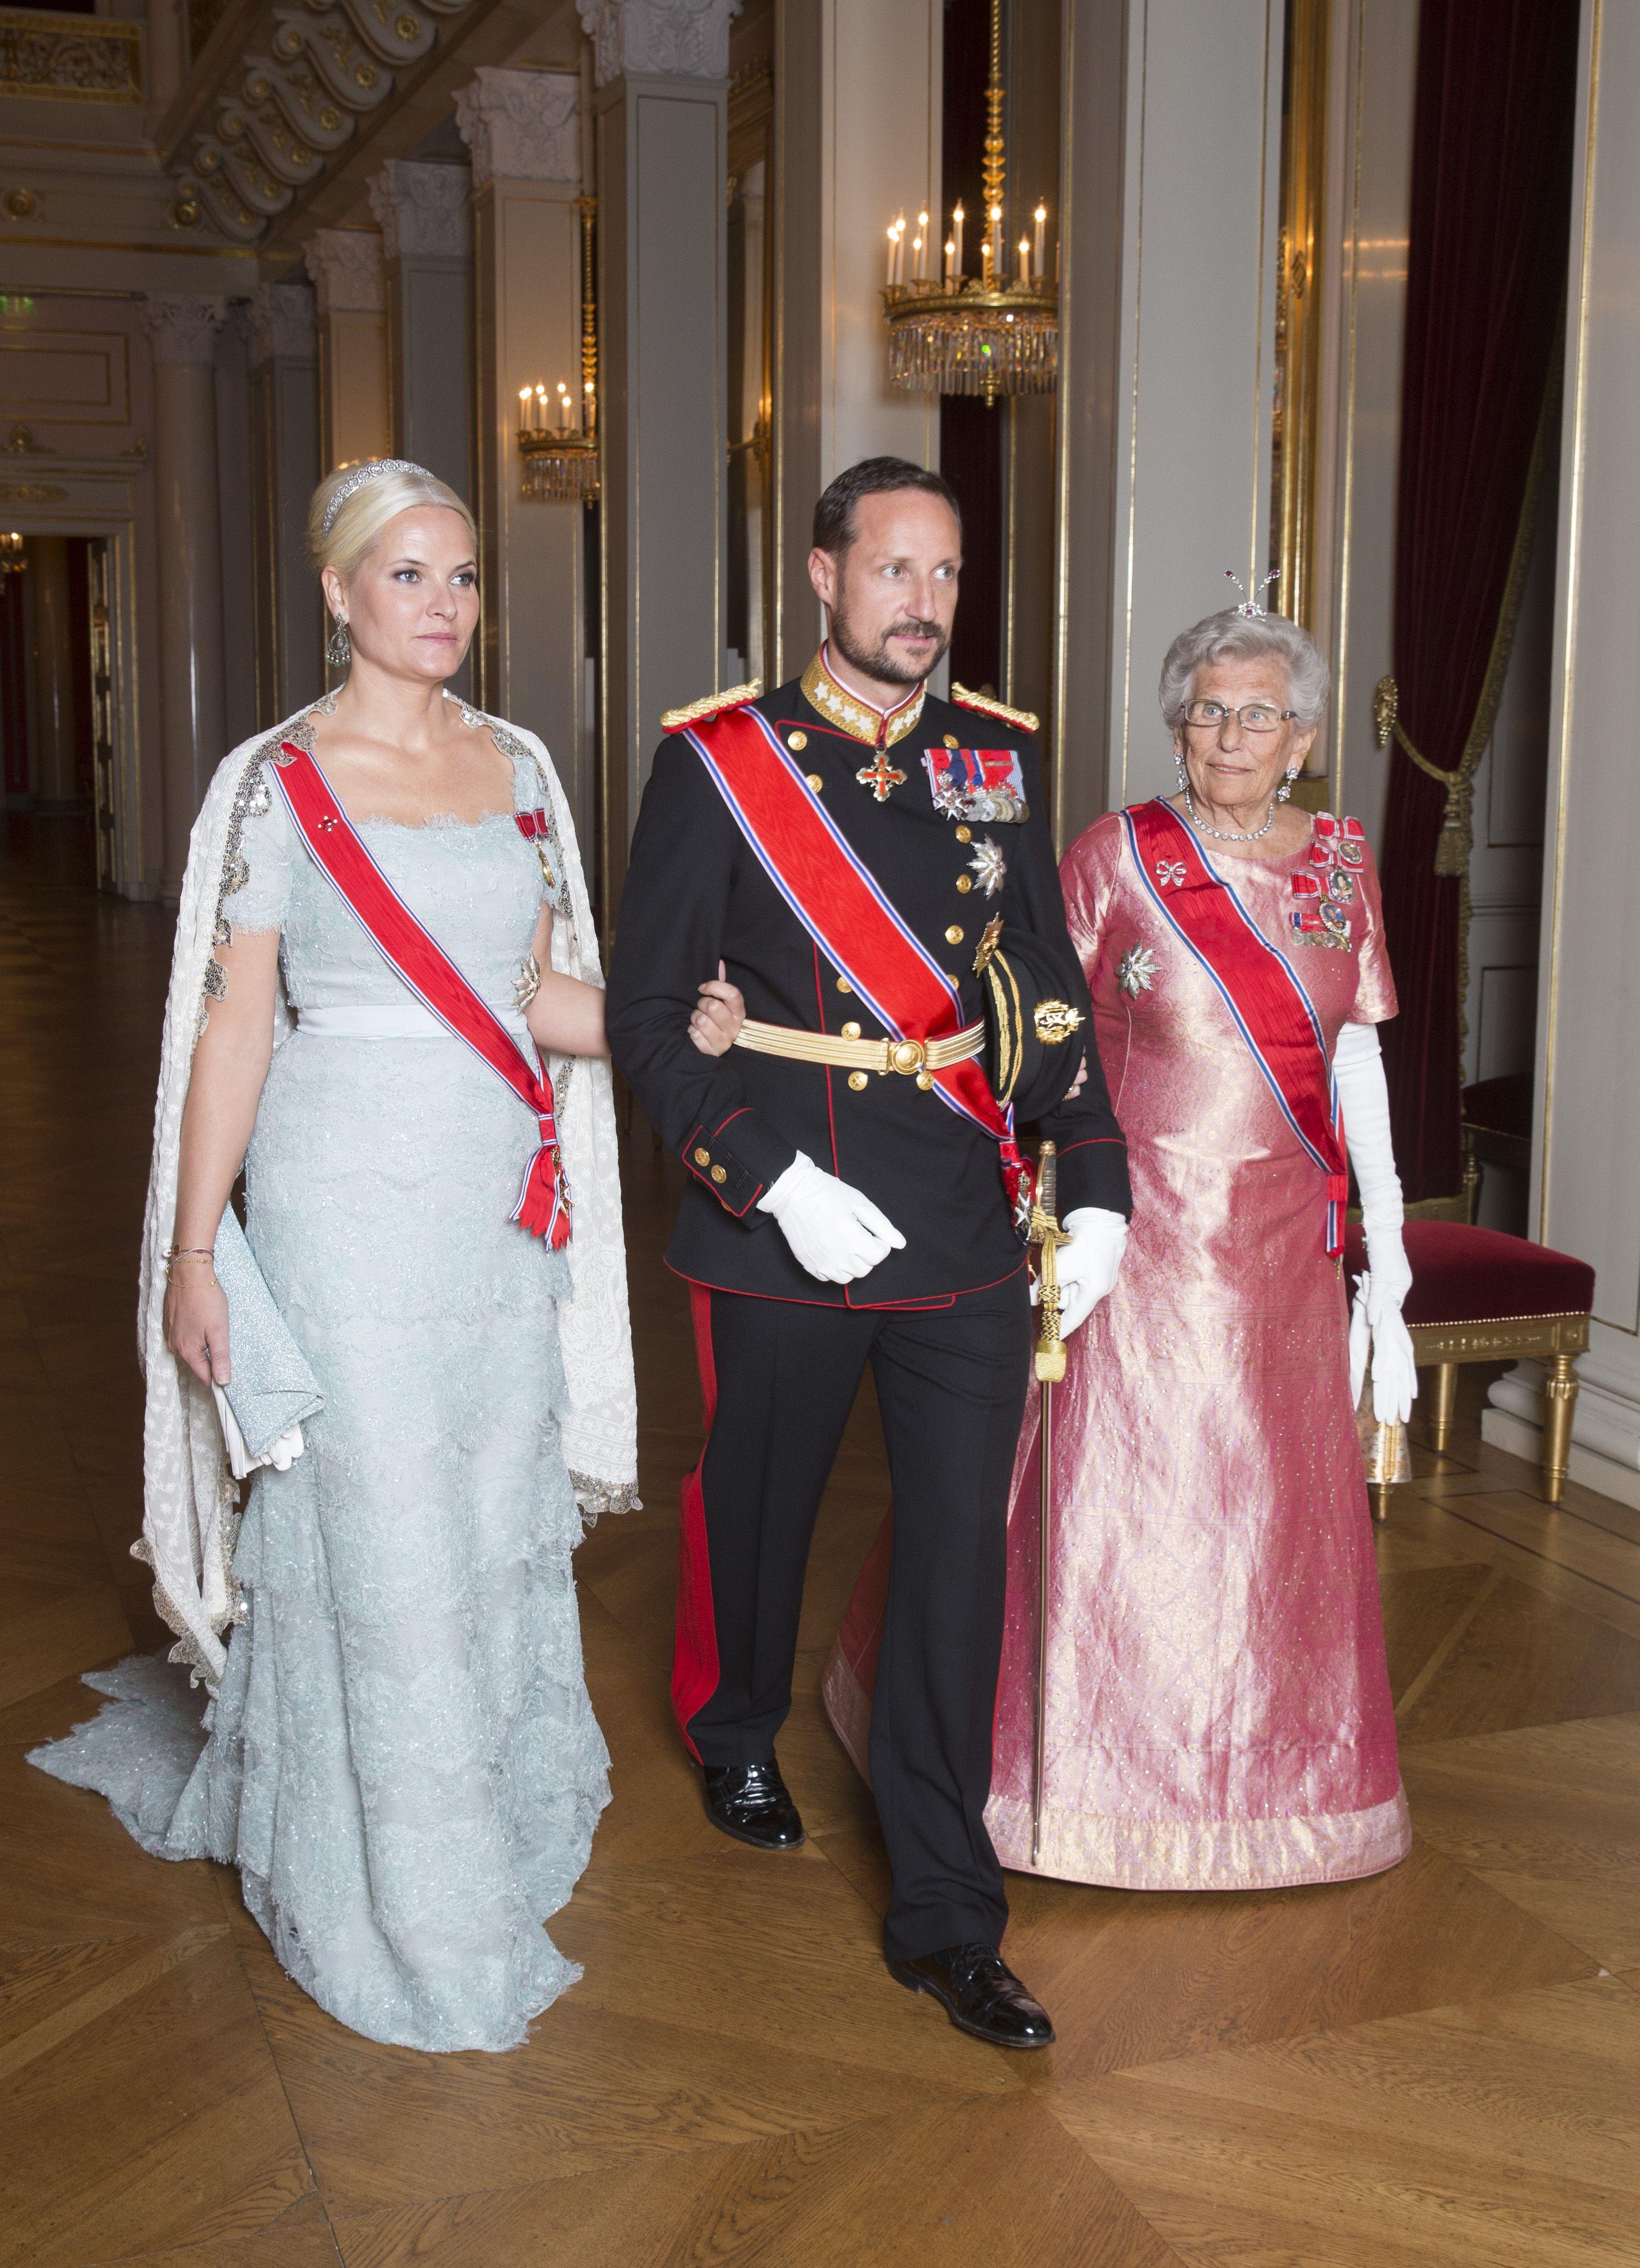 2014 - Kronprinsesse Mette-Marit bærer den mintgrønne Pucci-kreasjonen i glitrende blonde fra prinsesse Madeleines bryllup – og sitt brudediadem i ny, oppsatt frisyre. Prinsesse Astrid bærer en kjole i orientalsk silke og diamantsmykker etter dronning Maud (aigrette på hodet).